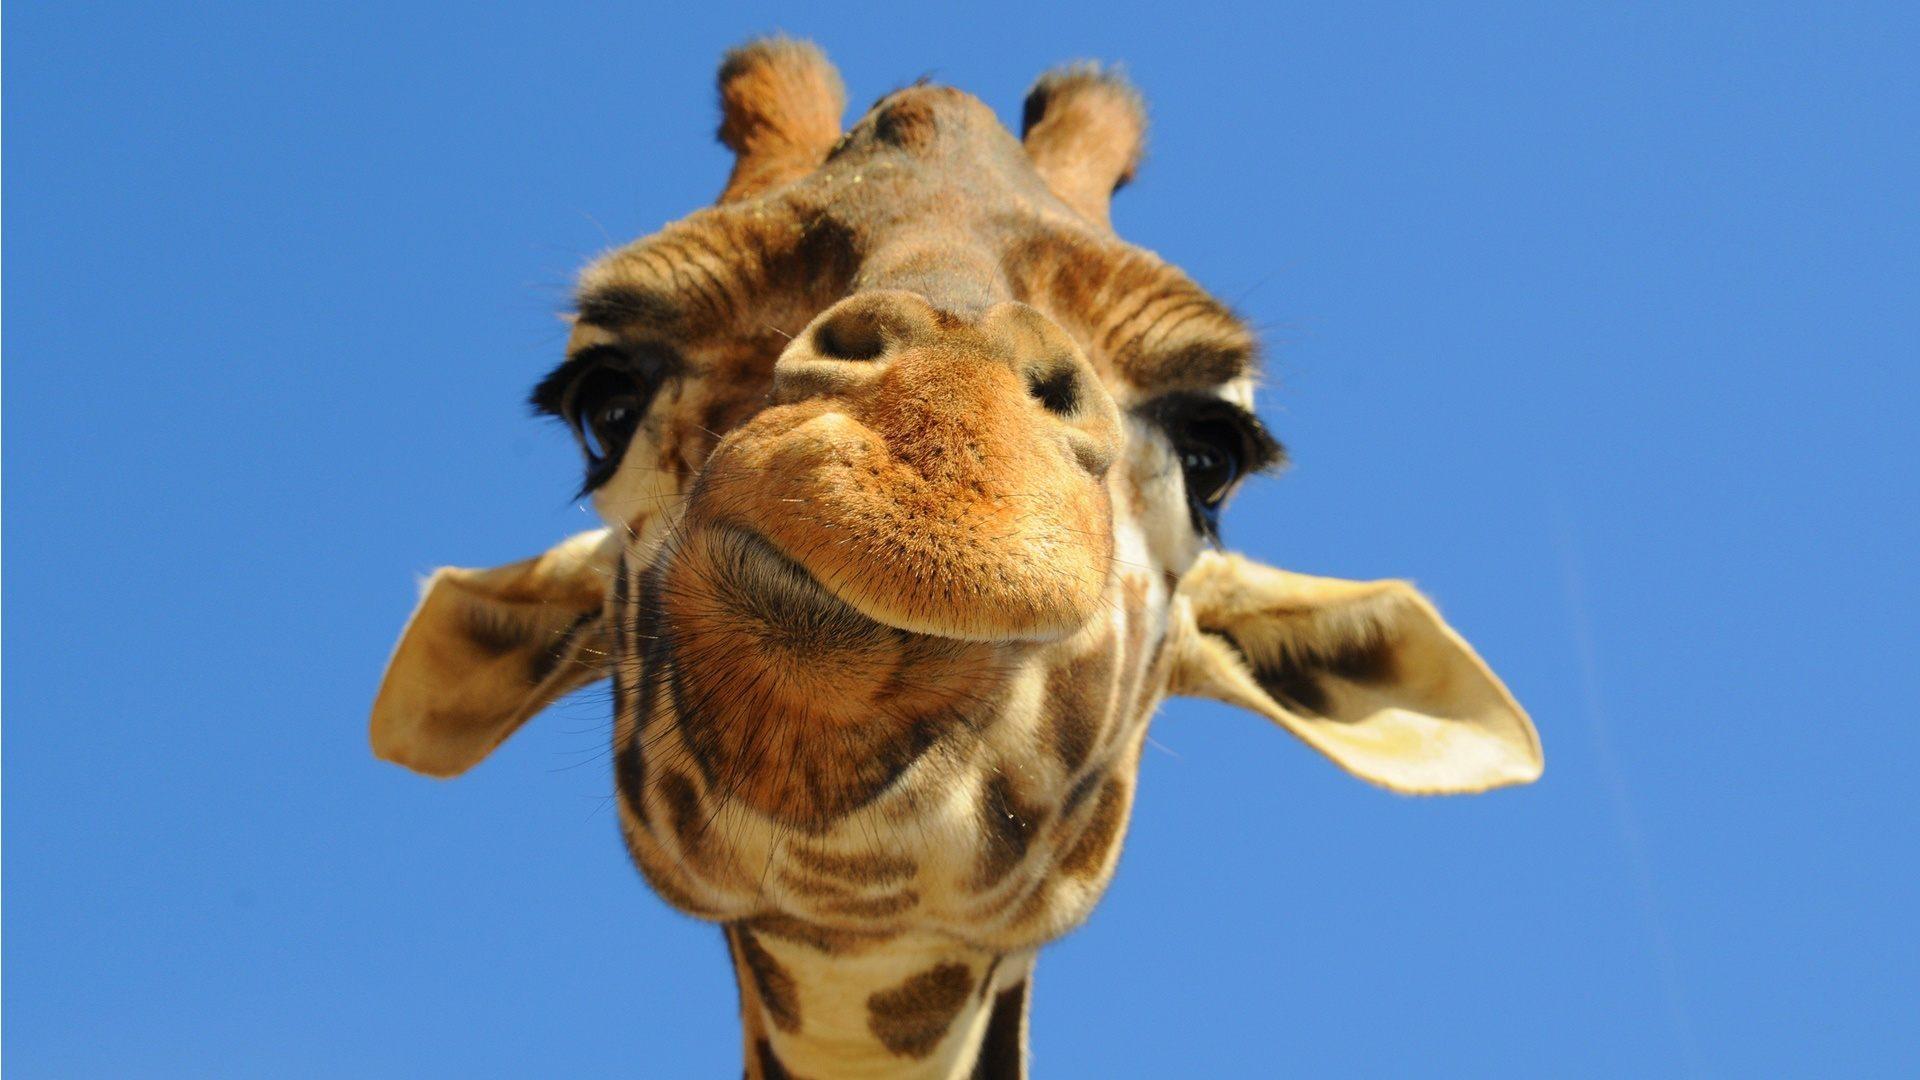 Cabeza de una jirafa - 1920x1080 :: Fondos de pantalla y